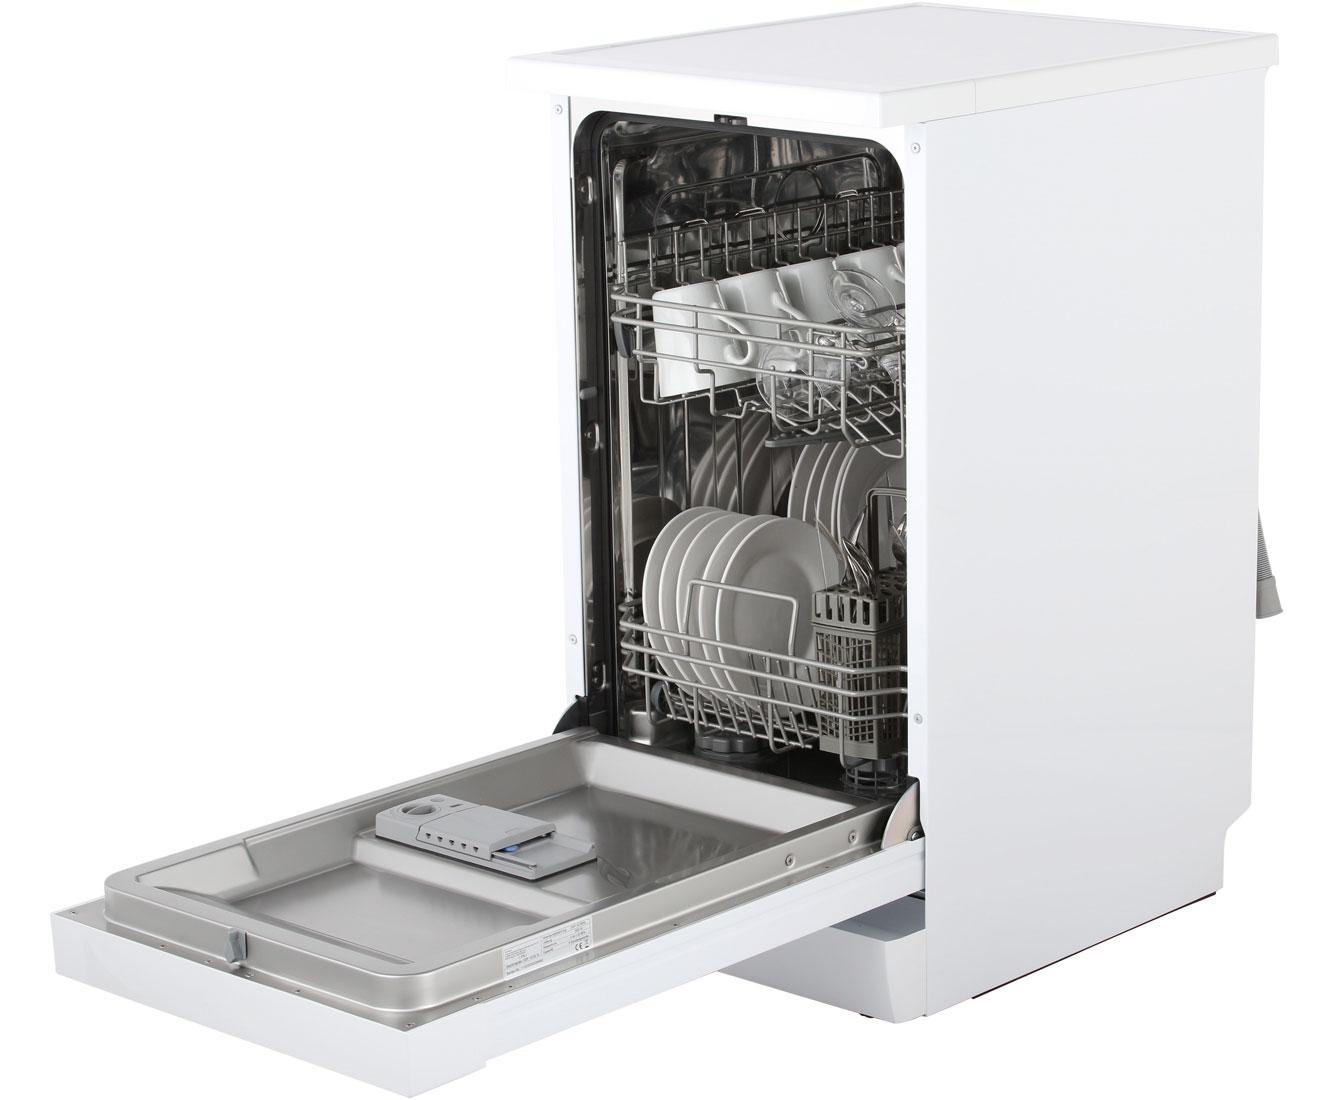 amica gsp 14742 w geschirrsp ler freistehend 45cm weiss neu ebay. Black Bedroom Furniture Sets. Home Design Ideas